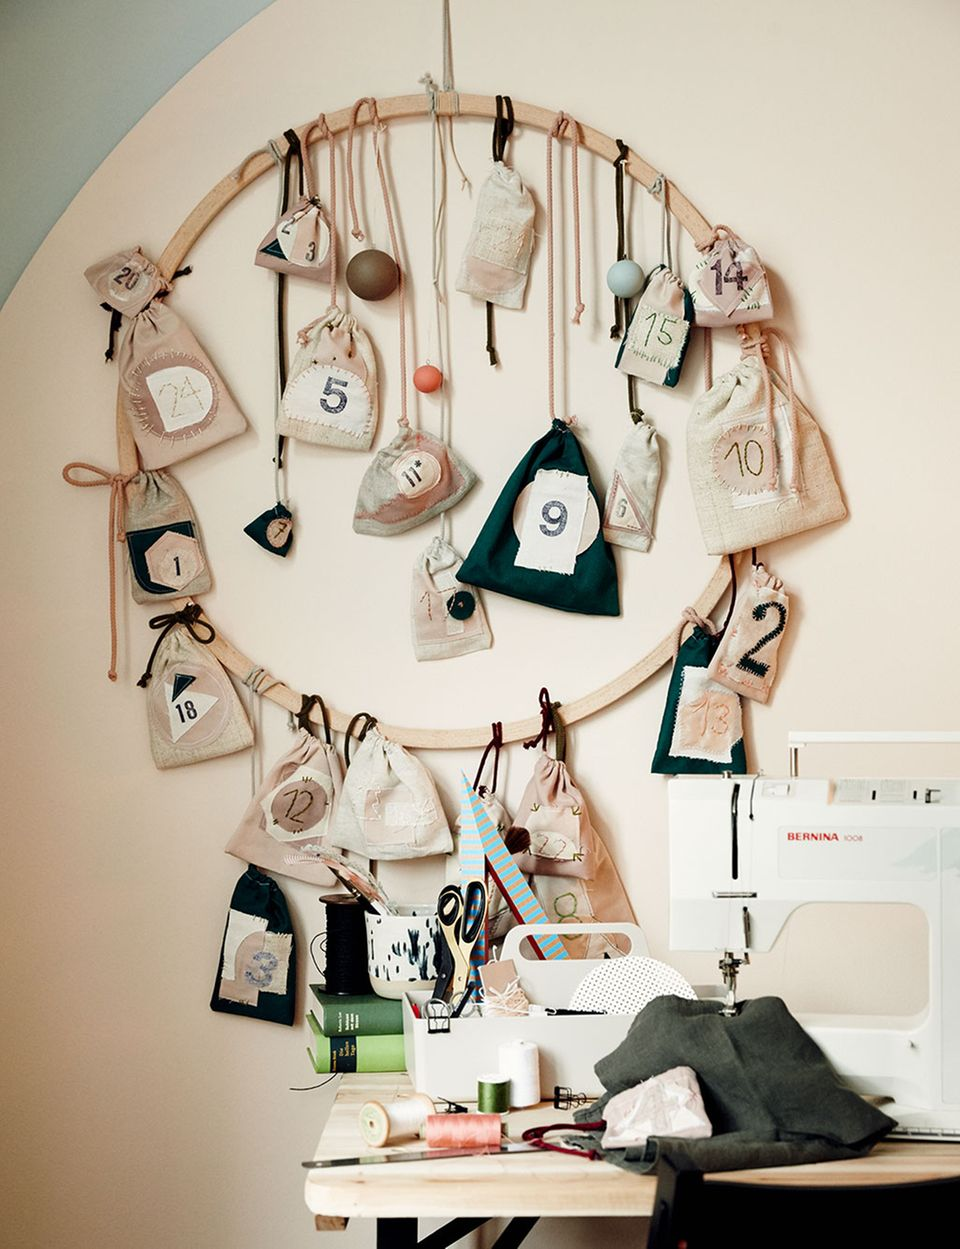 DIY-Adventskalender mit selbst genähten Säckchen